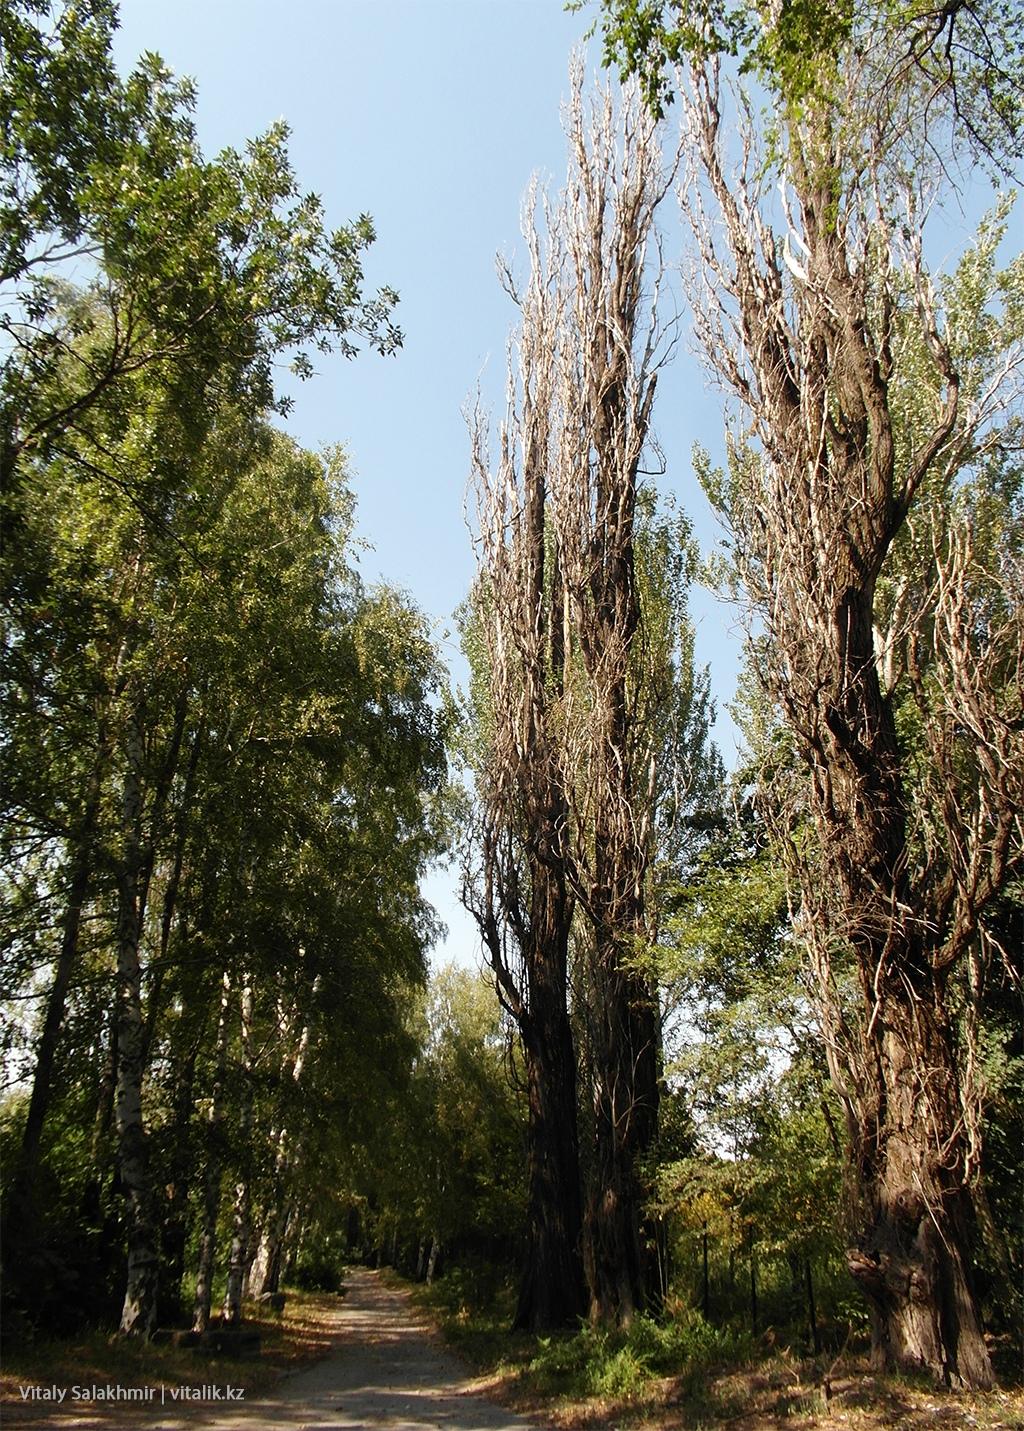 Тополя в Ботаническом саду Алматы 2018